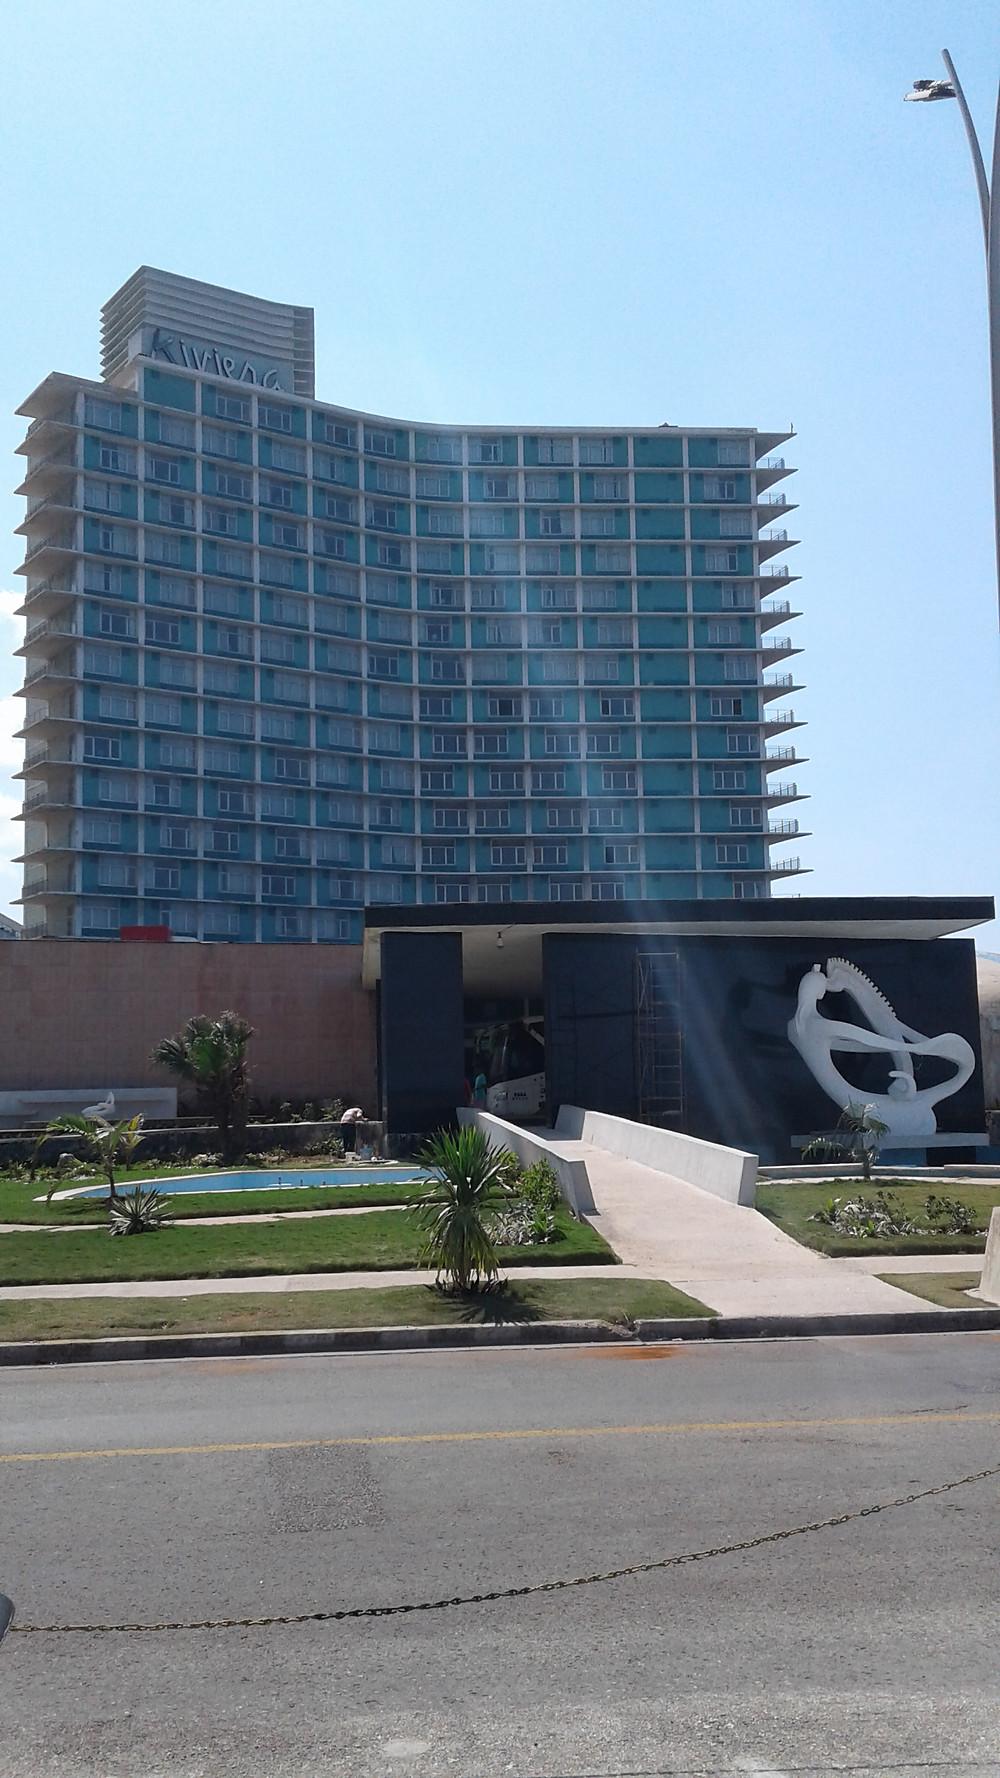 HOTEL RIVIERA IN HAVANA, CUBA